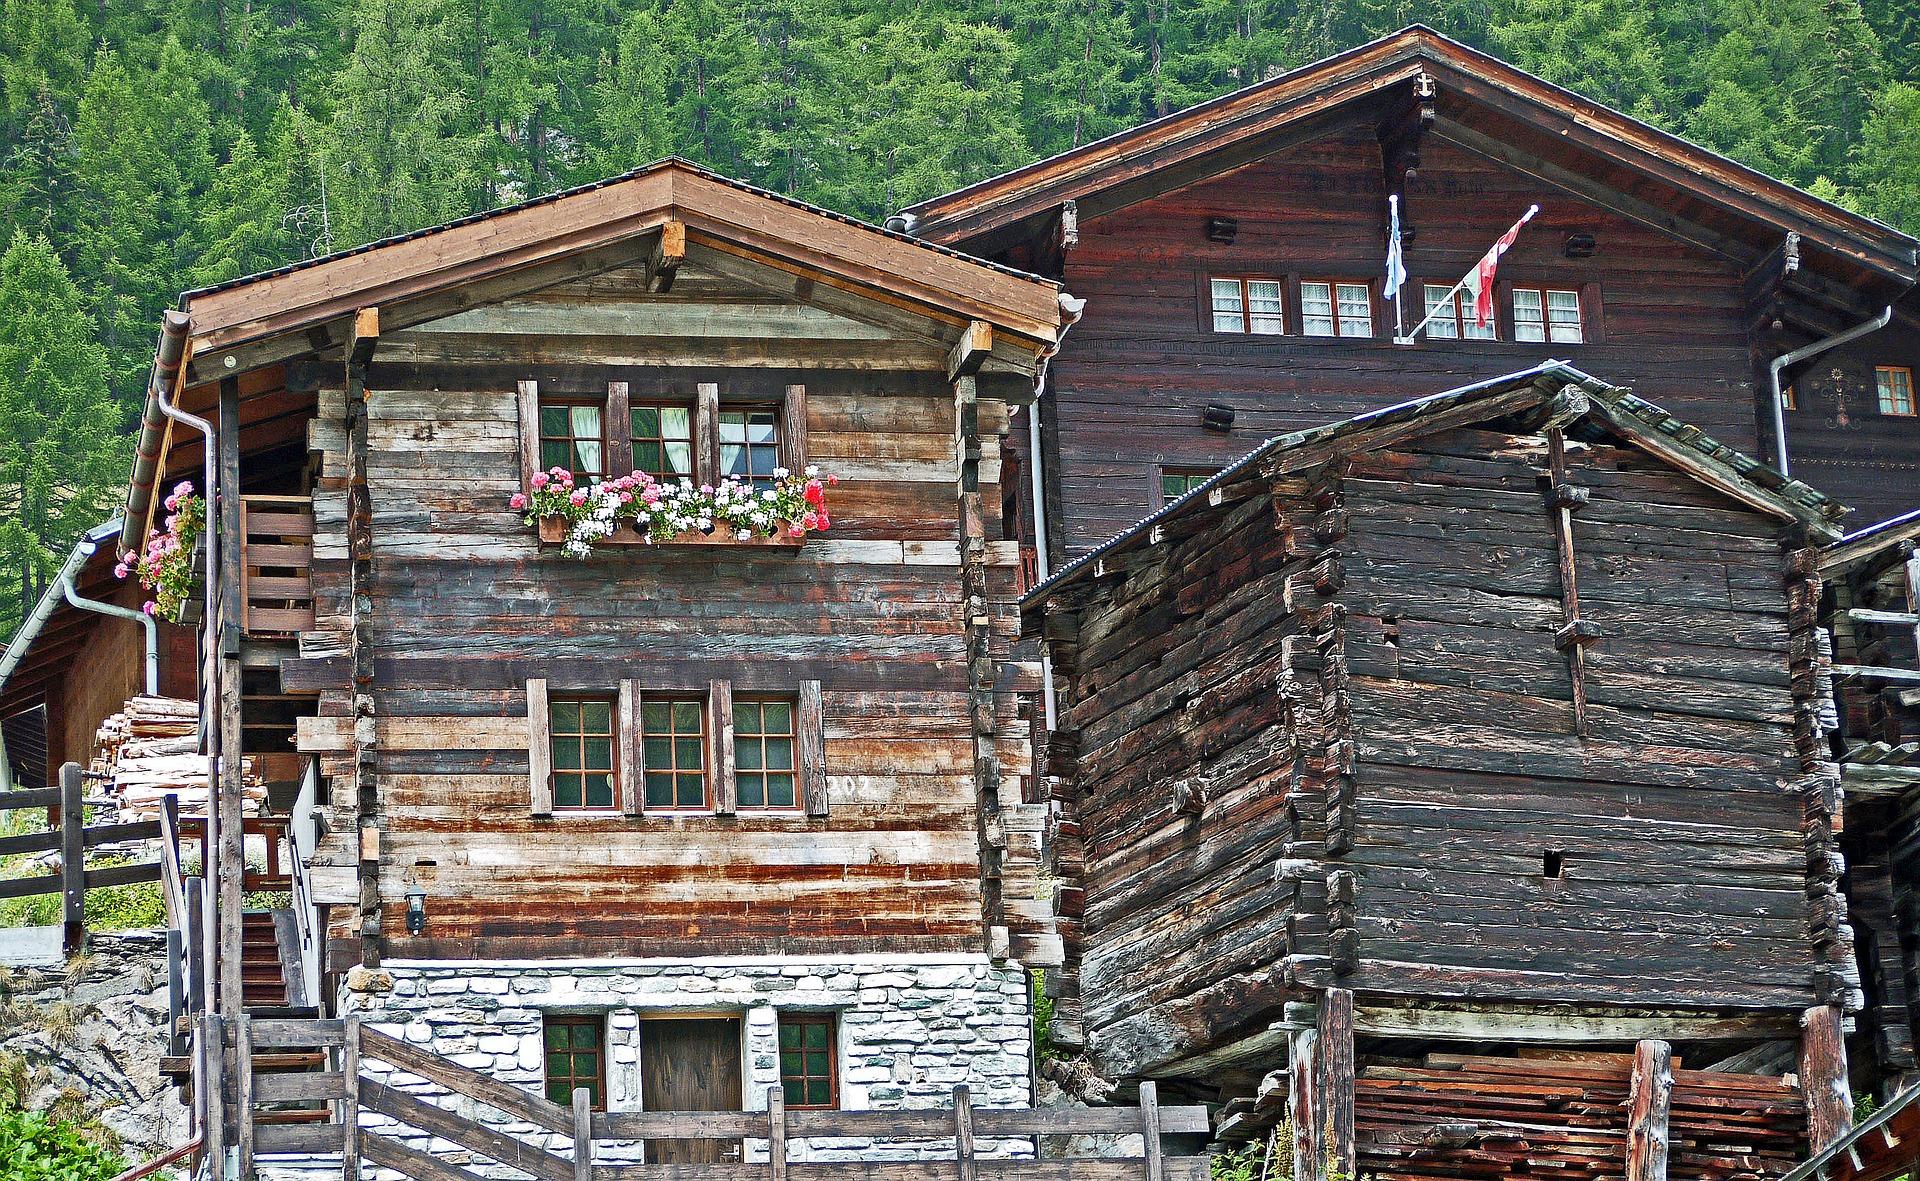 De authentieke houten huisjes in het Lötschental